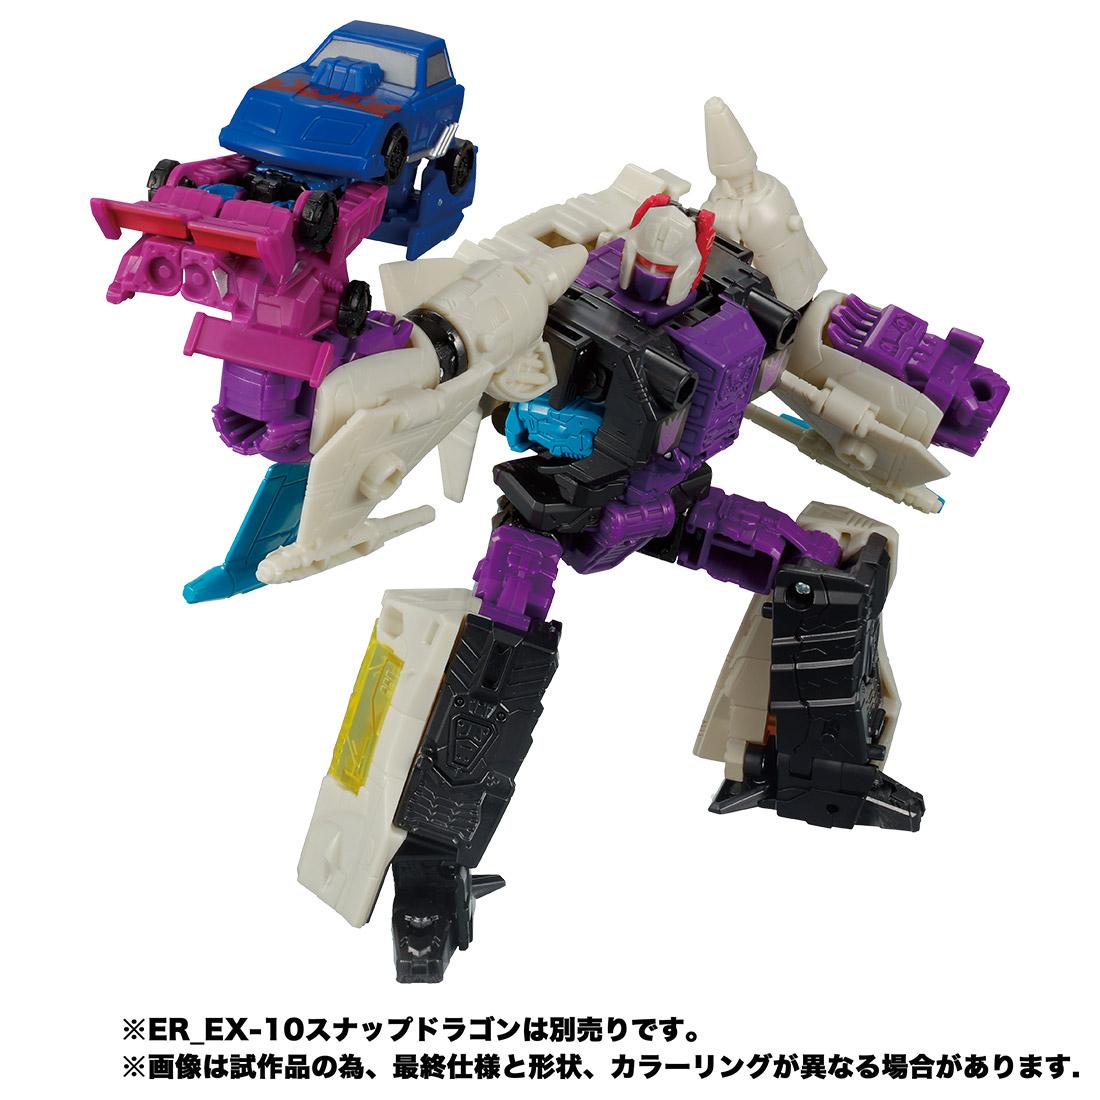 【限定販売】トランスフォーマー アースライズ『ER EX-10 スナップドラゴン』可変可動フィギュア-013